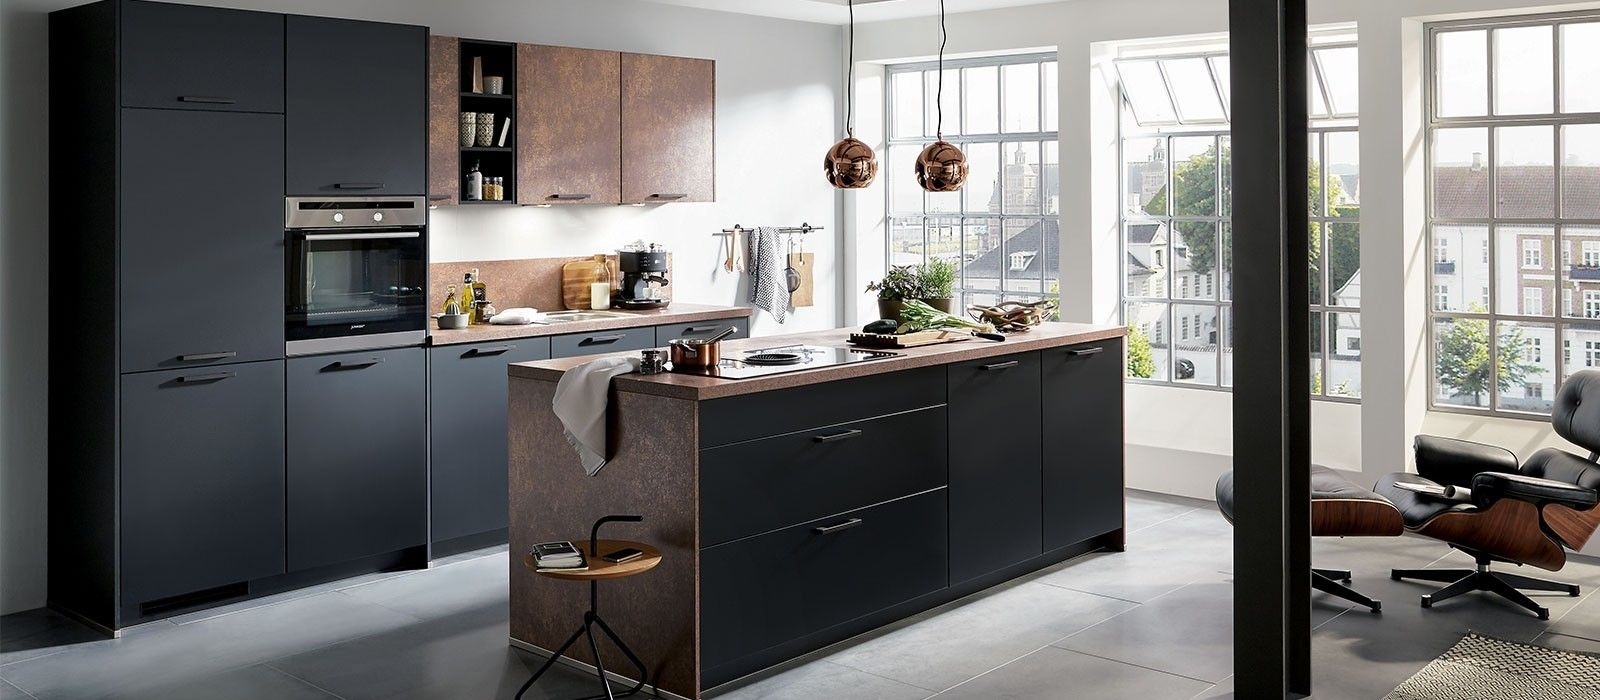 Cuisine Design Contemporaine Noir Mat Meuble Cuisine Style Cuisine Cuisine Noire